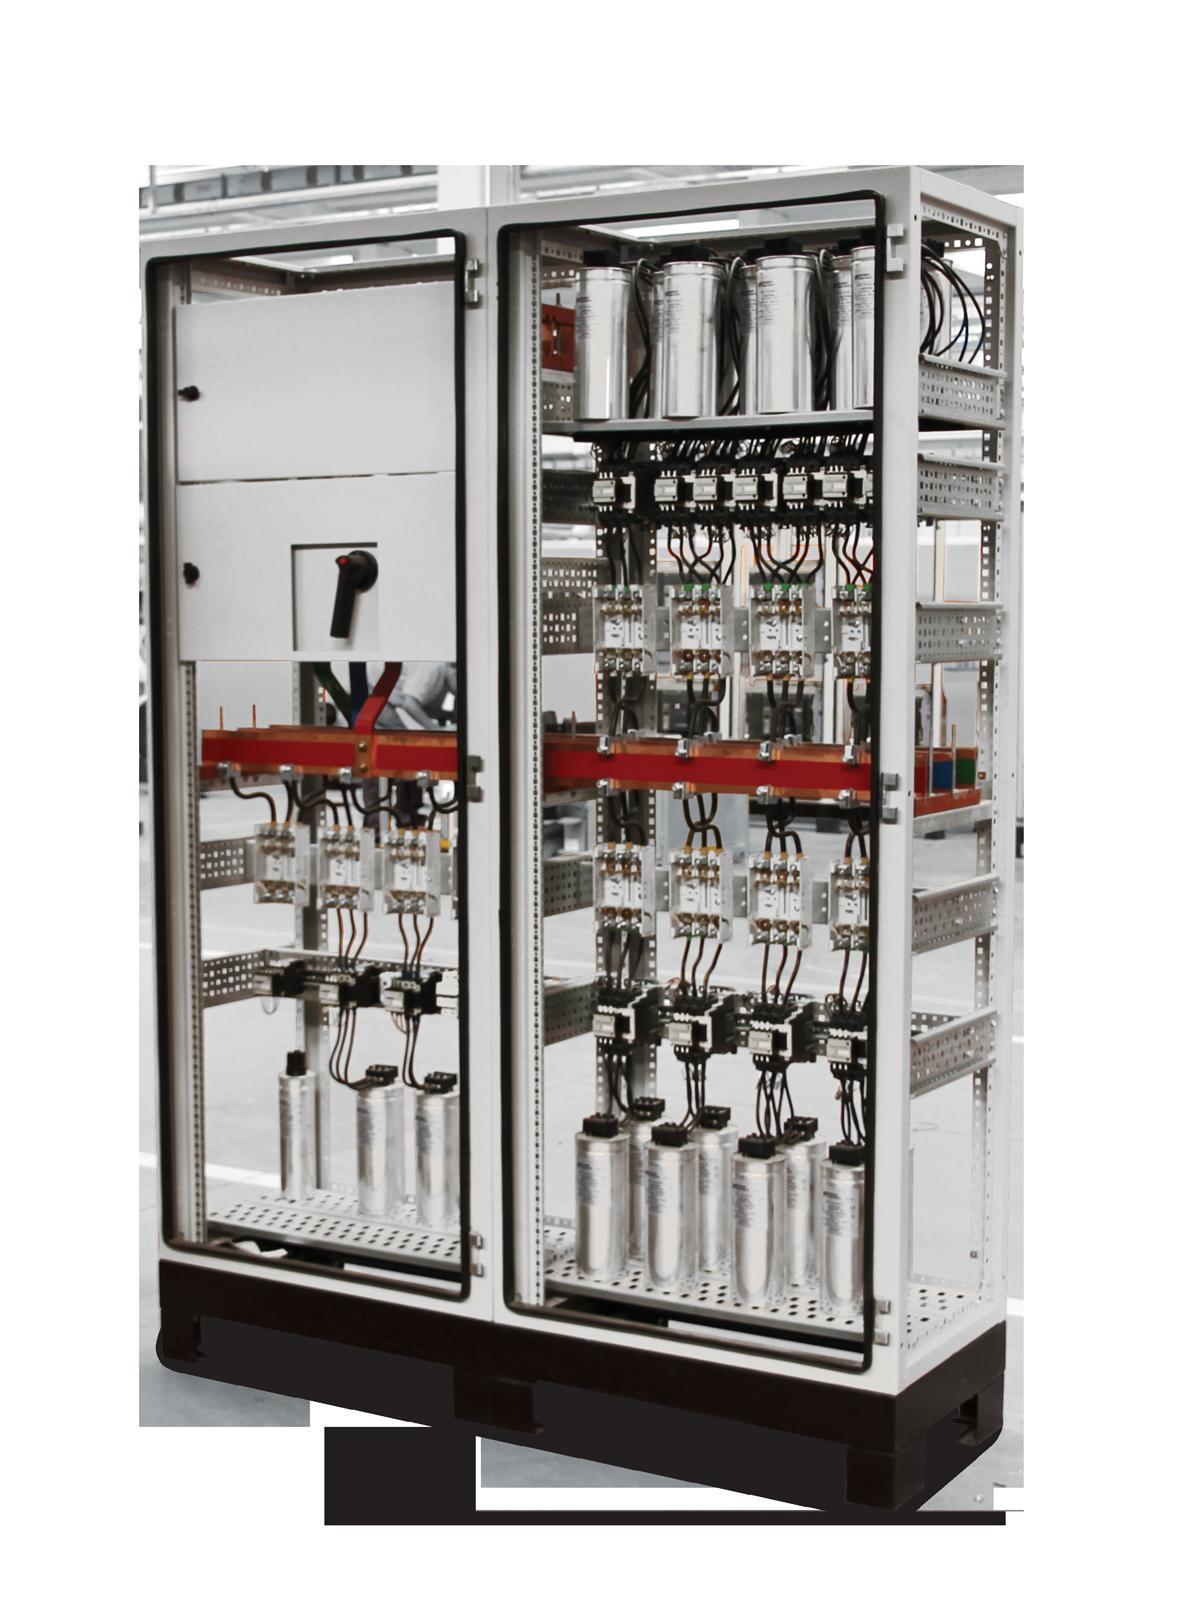 LTD - Şalter Panoları Merkezi ve Tali Dağıtım Panoları İç Kapaklı2